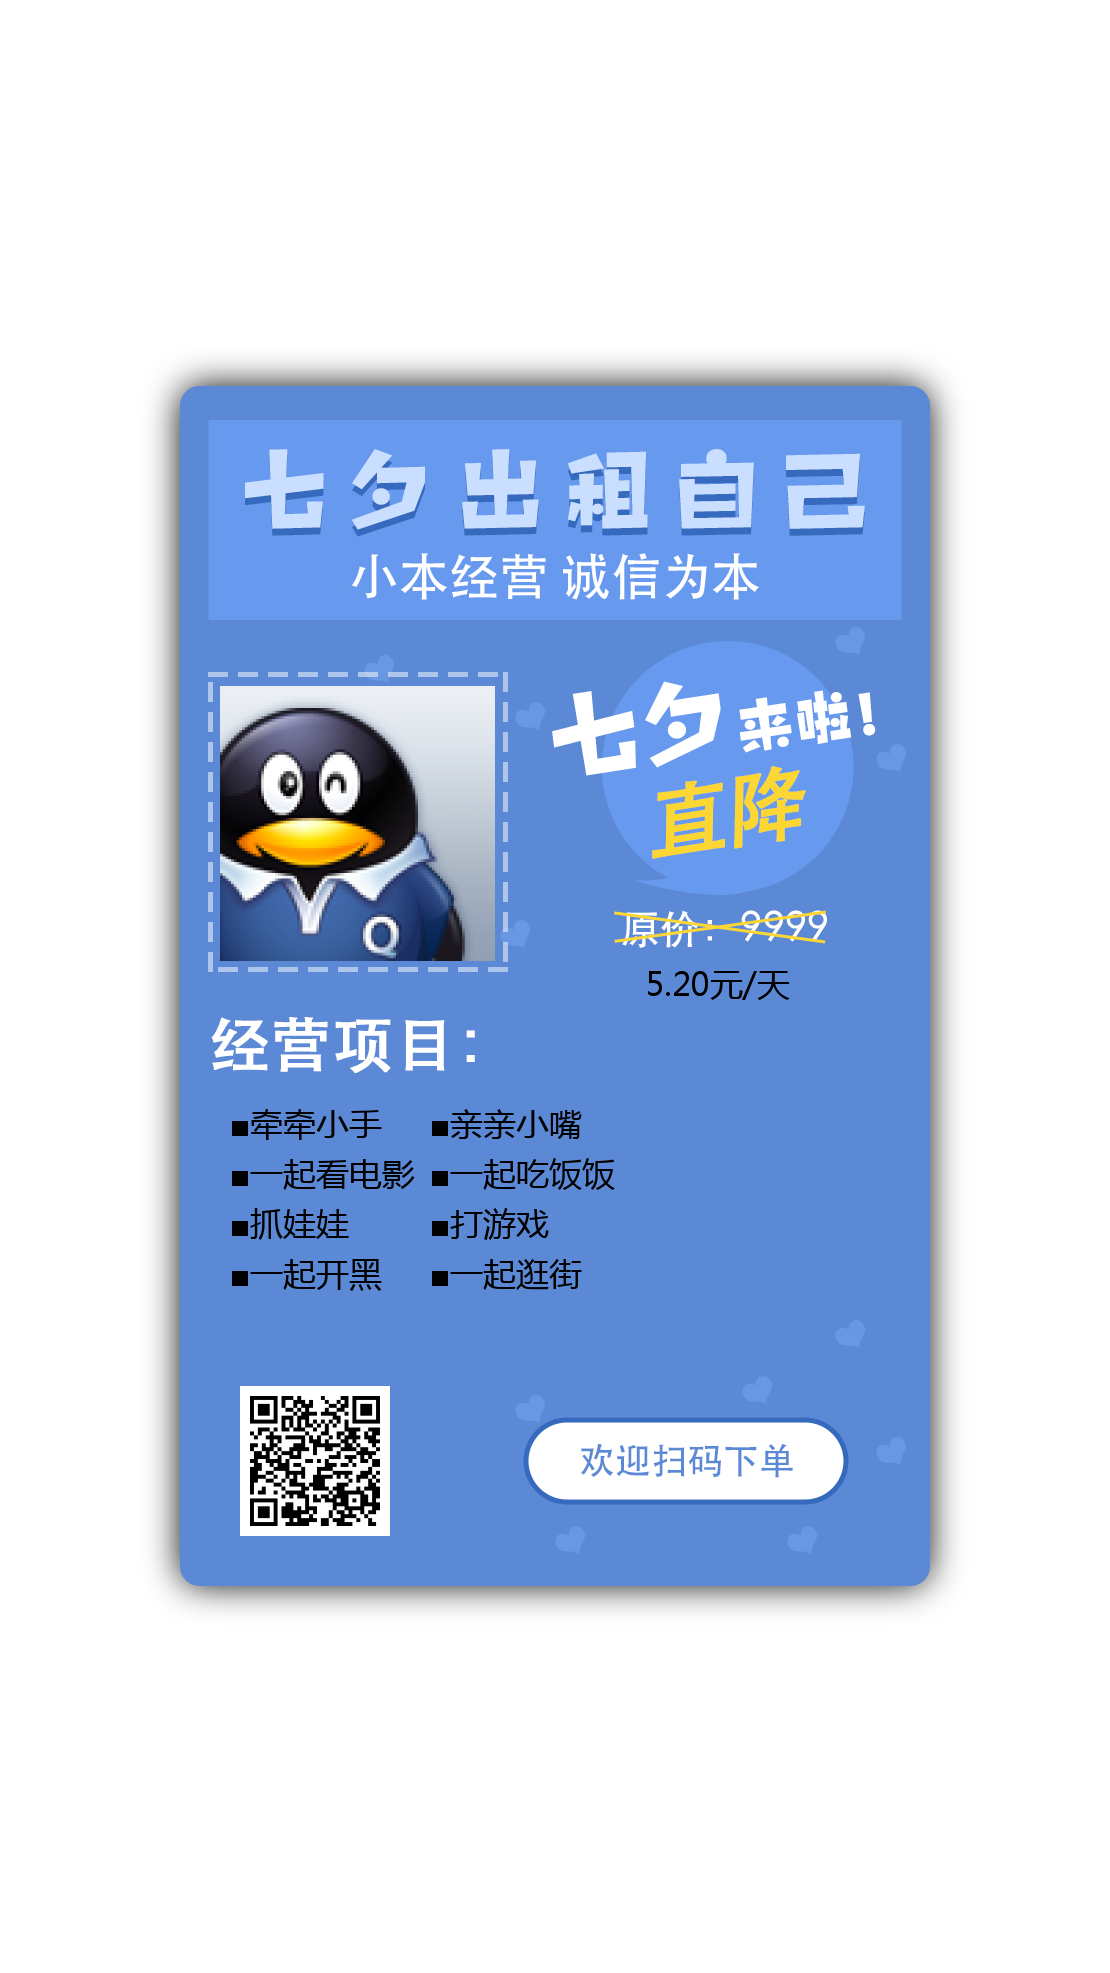 七夕出租海报优化版截图2